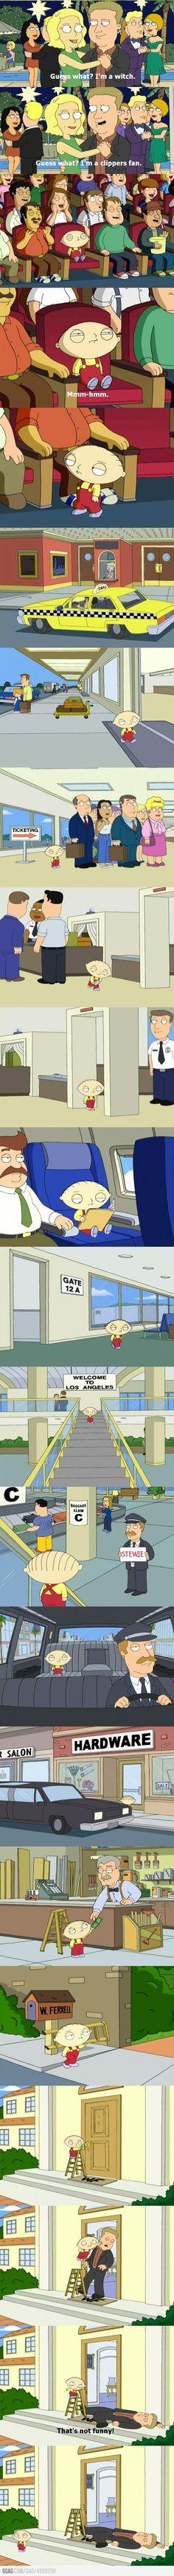 Only Stewie